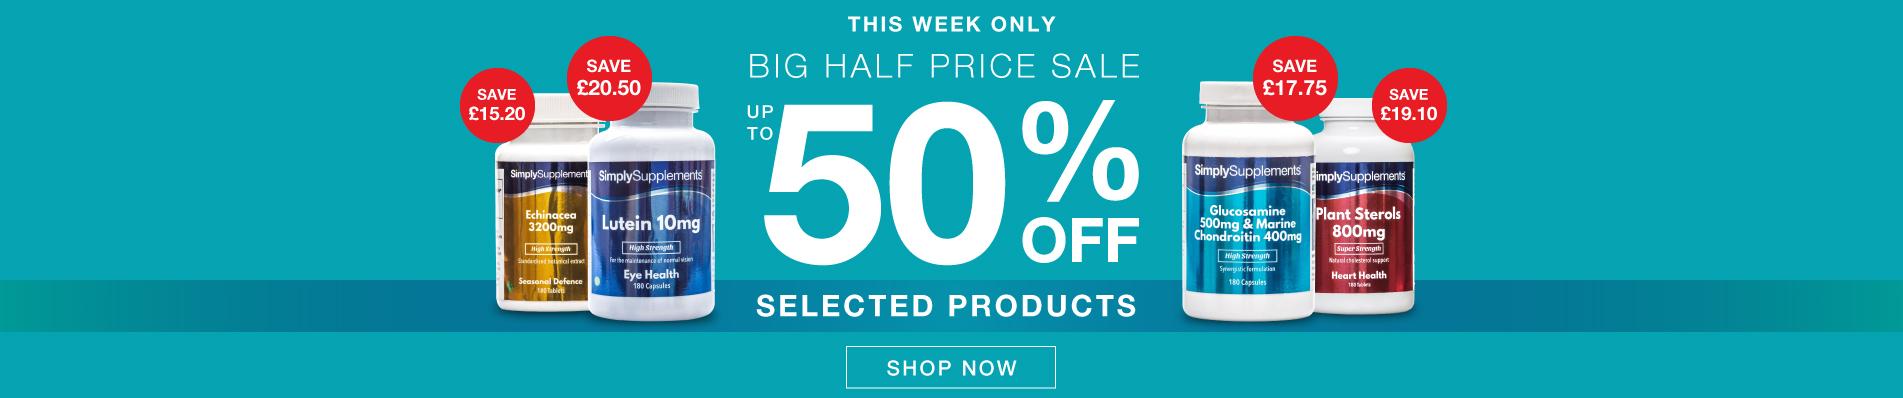 The Big Half Price Sale Event